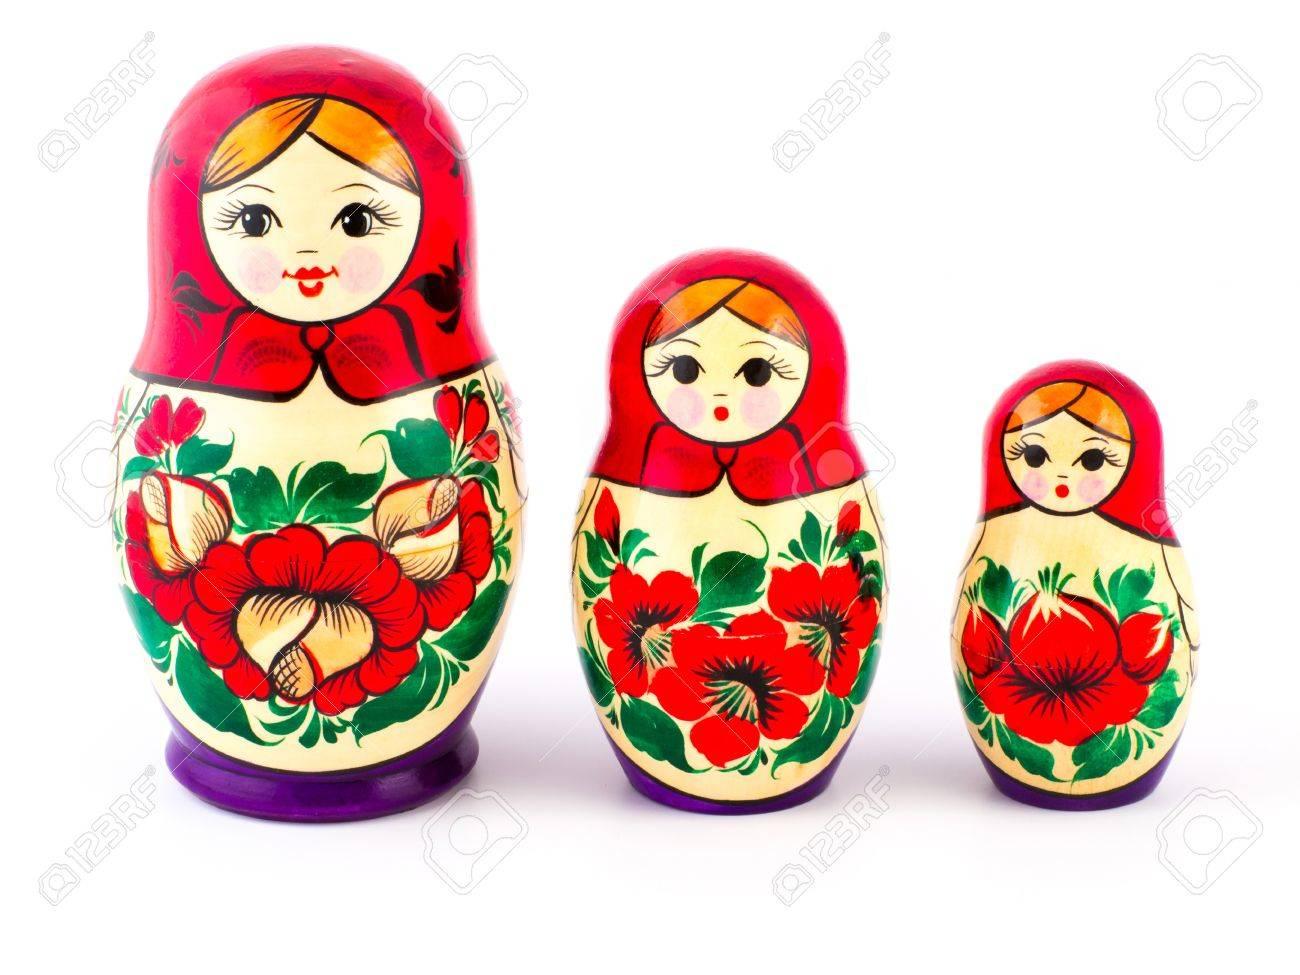 SAC à venir  - Page 6 49648825-poup%C3%A9es-russes-babushkas-ou-matriochkas-set-de-3-pi%C3%A8ces-